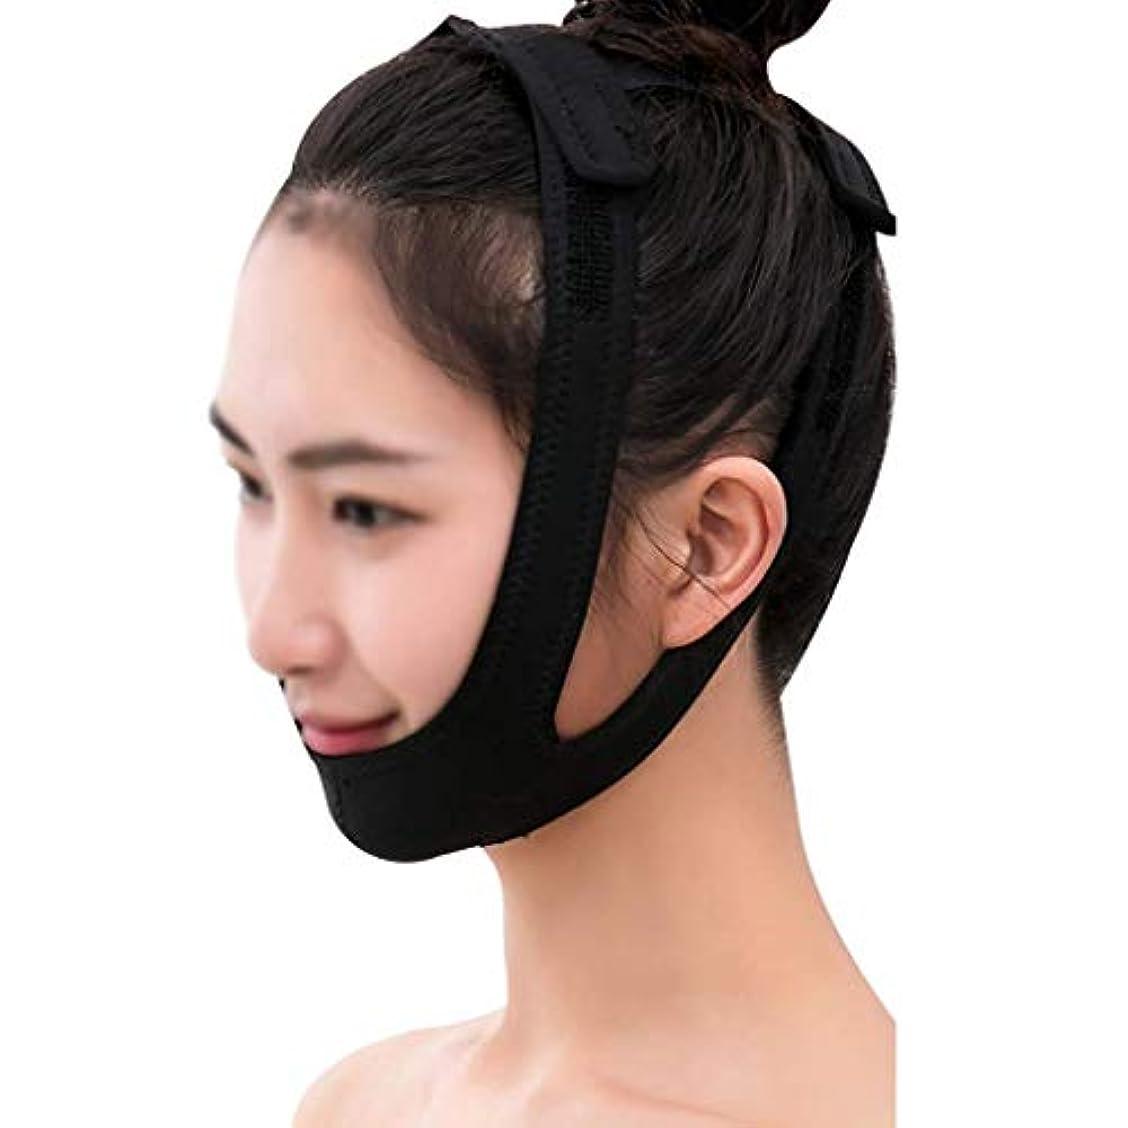 着るつかまえるアパルフェイスリフトマスクフェイスアンドネックリフトポストエラスティックスリーブ下顎骨セットフェイスアーティファクトVフェイスフェイシャルフェイスバンドルダブルチンマスクブラックフェイスアーティファクト